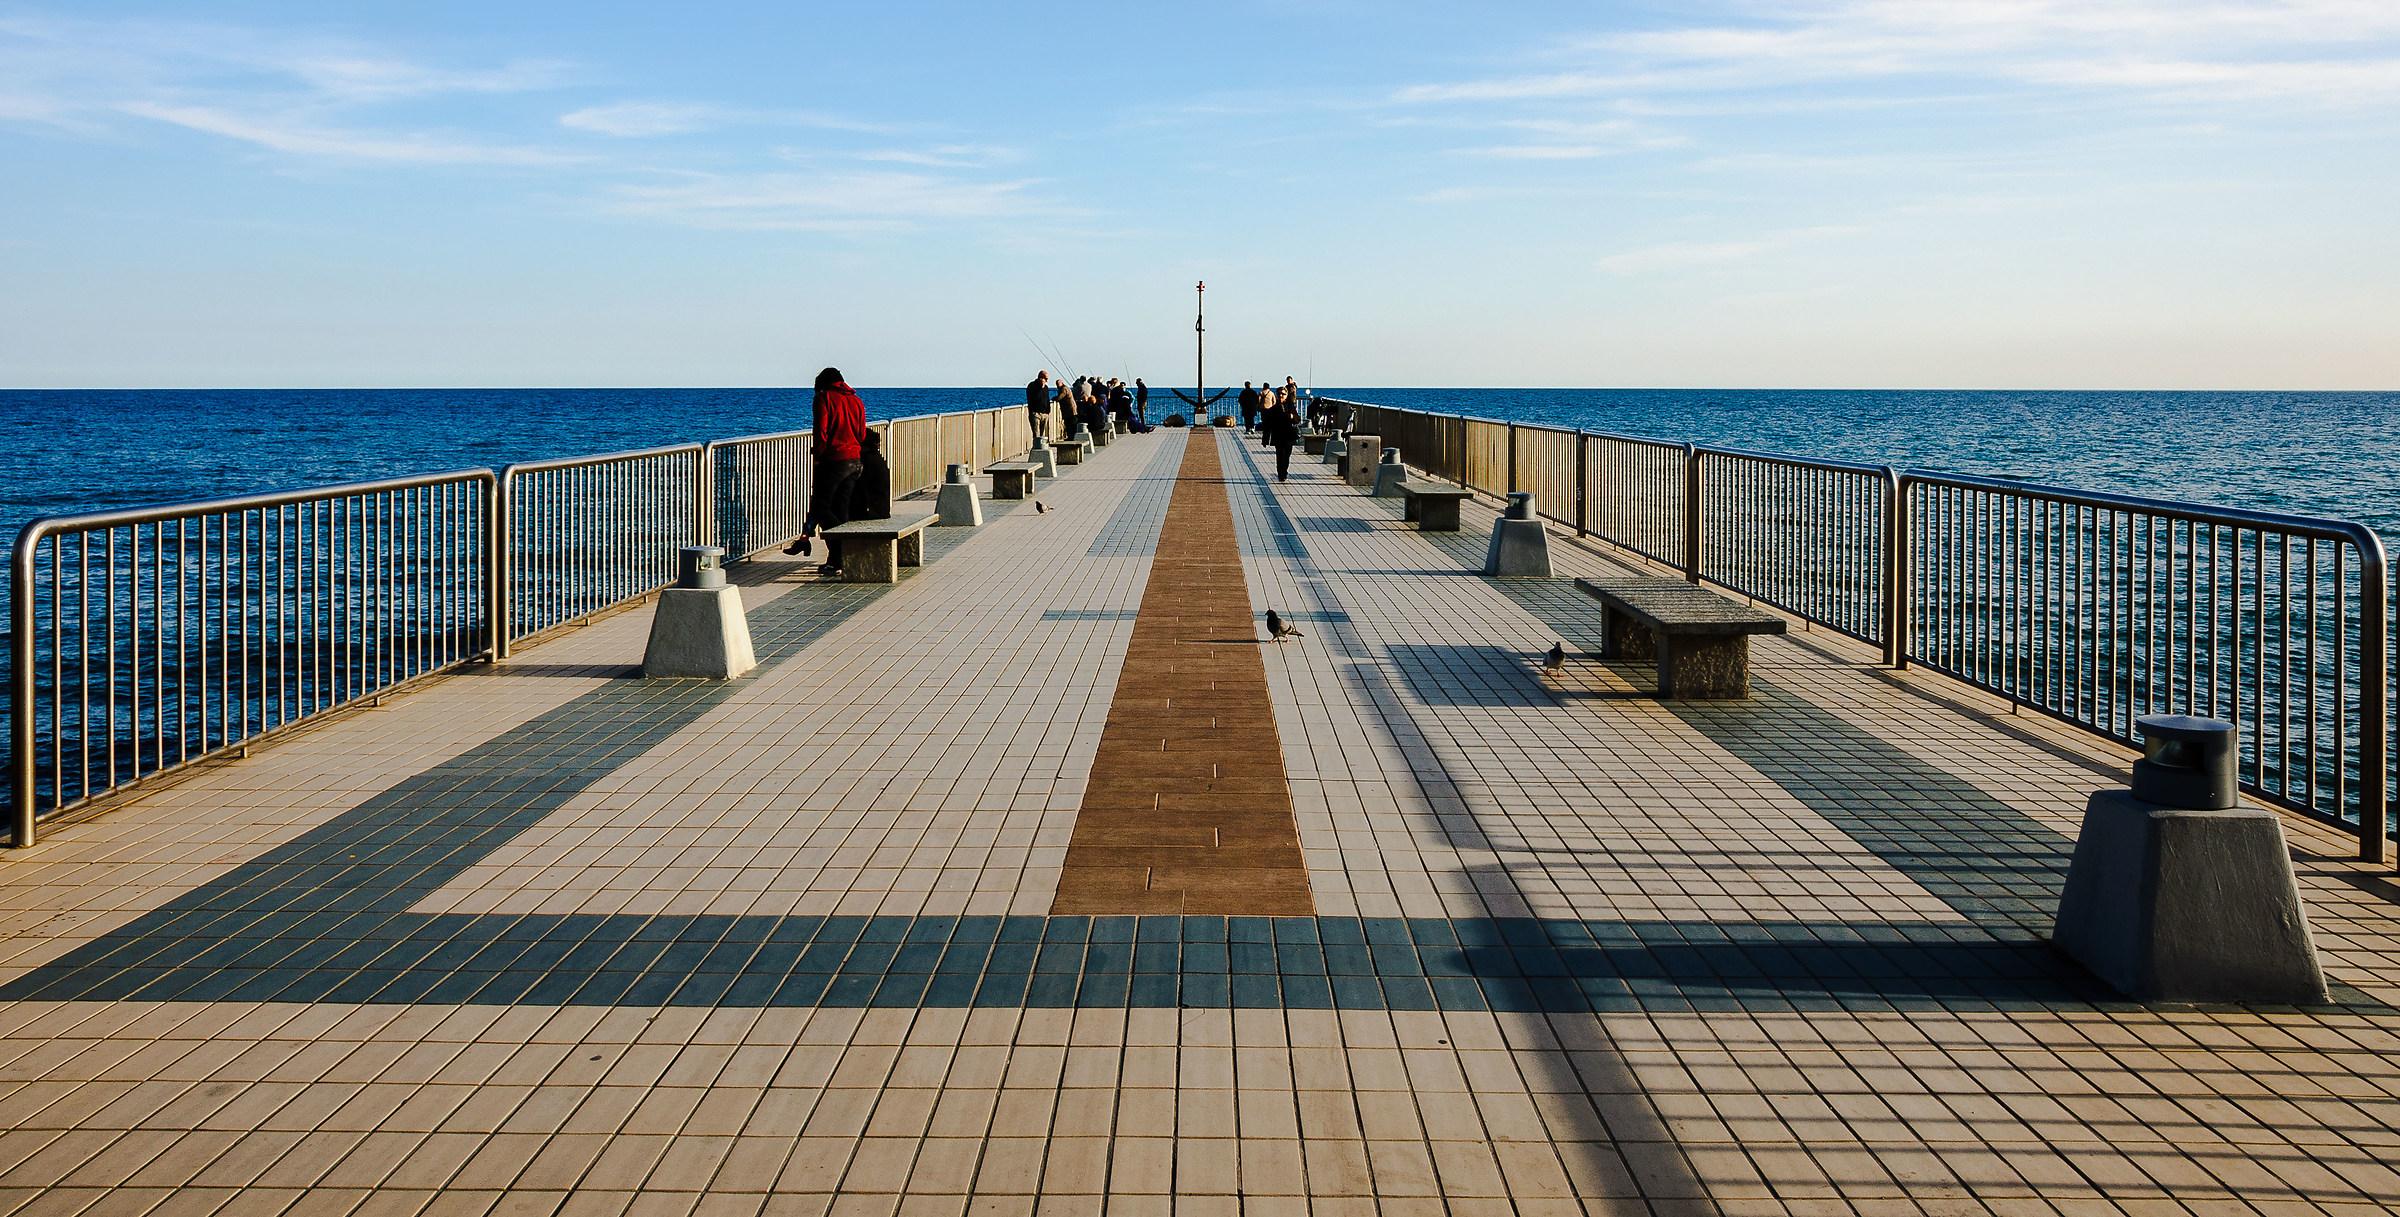 Towards a blue horizon...